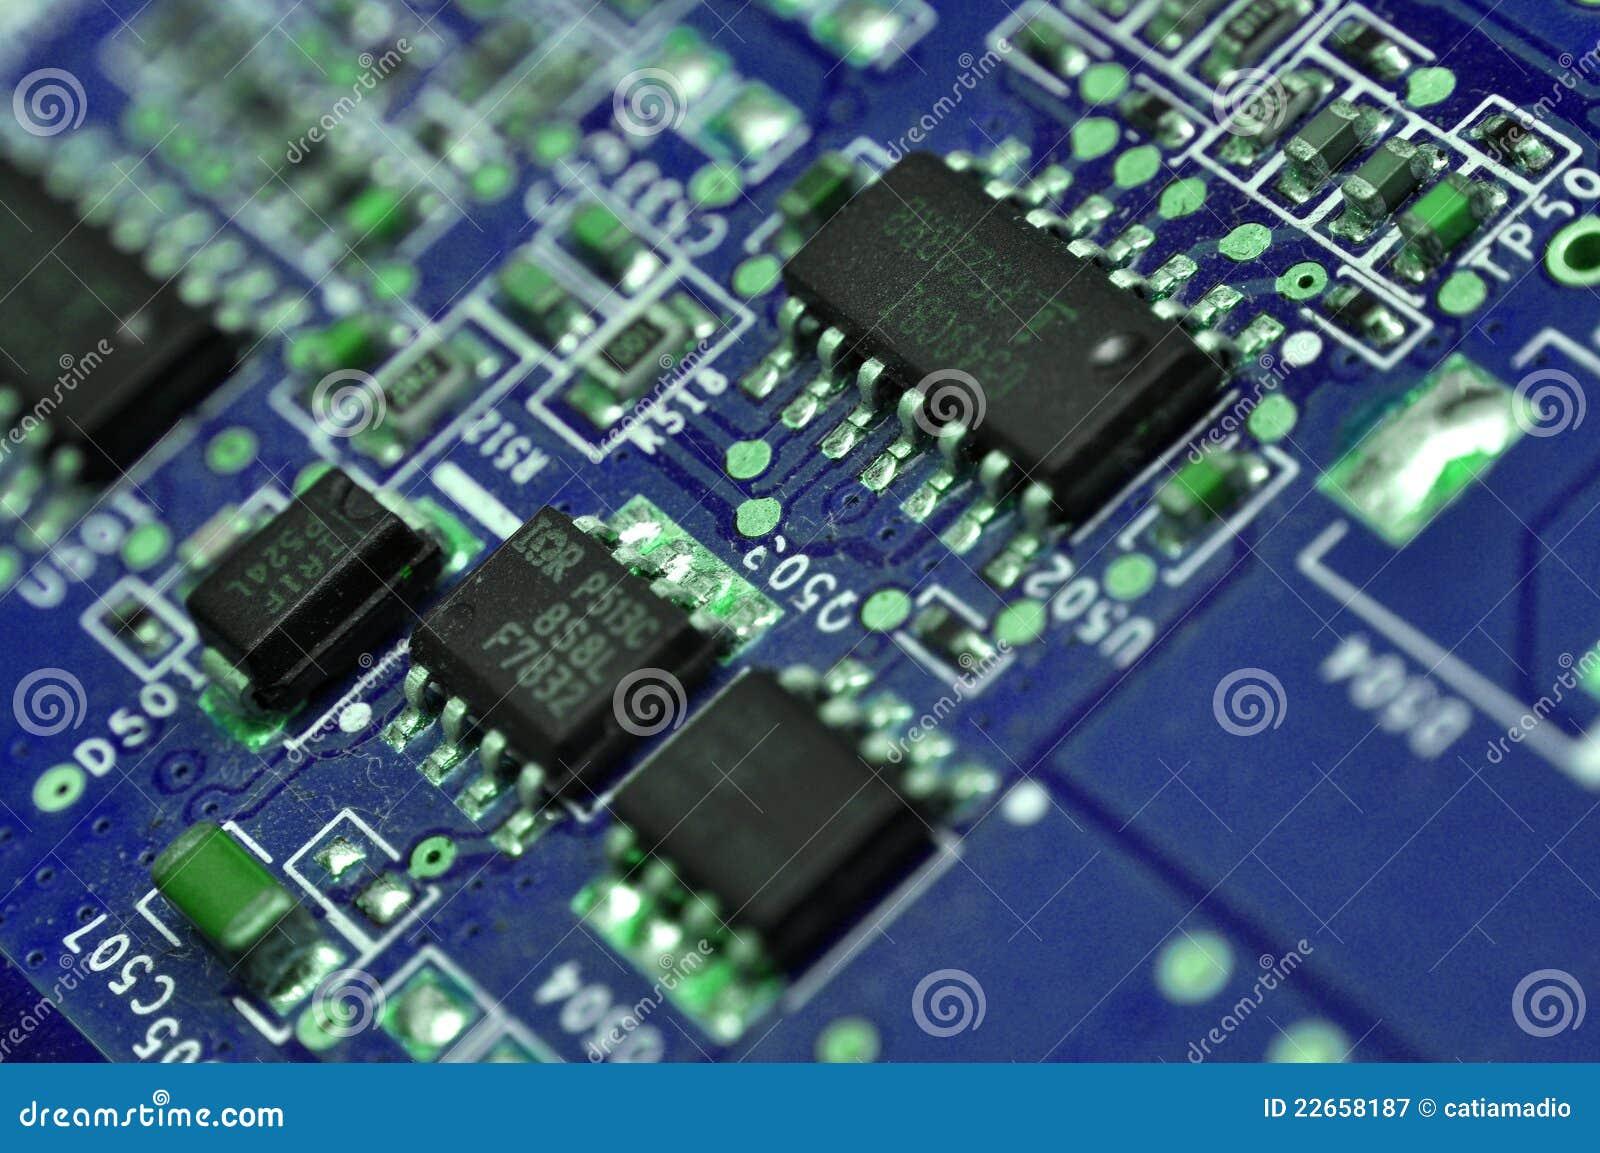 μητρική κάρτα υπολογιστών